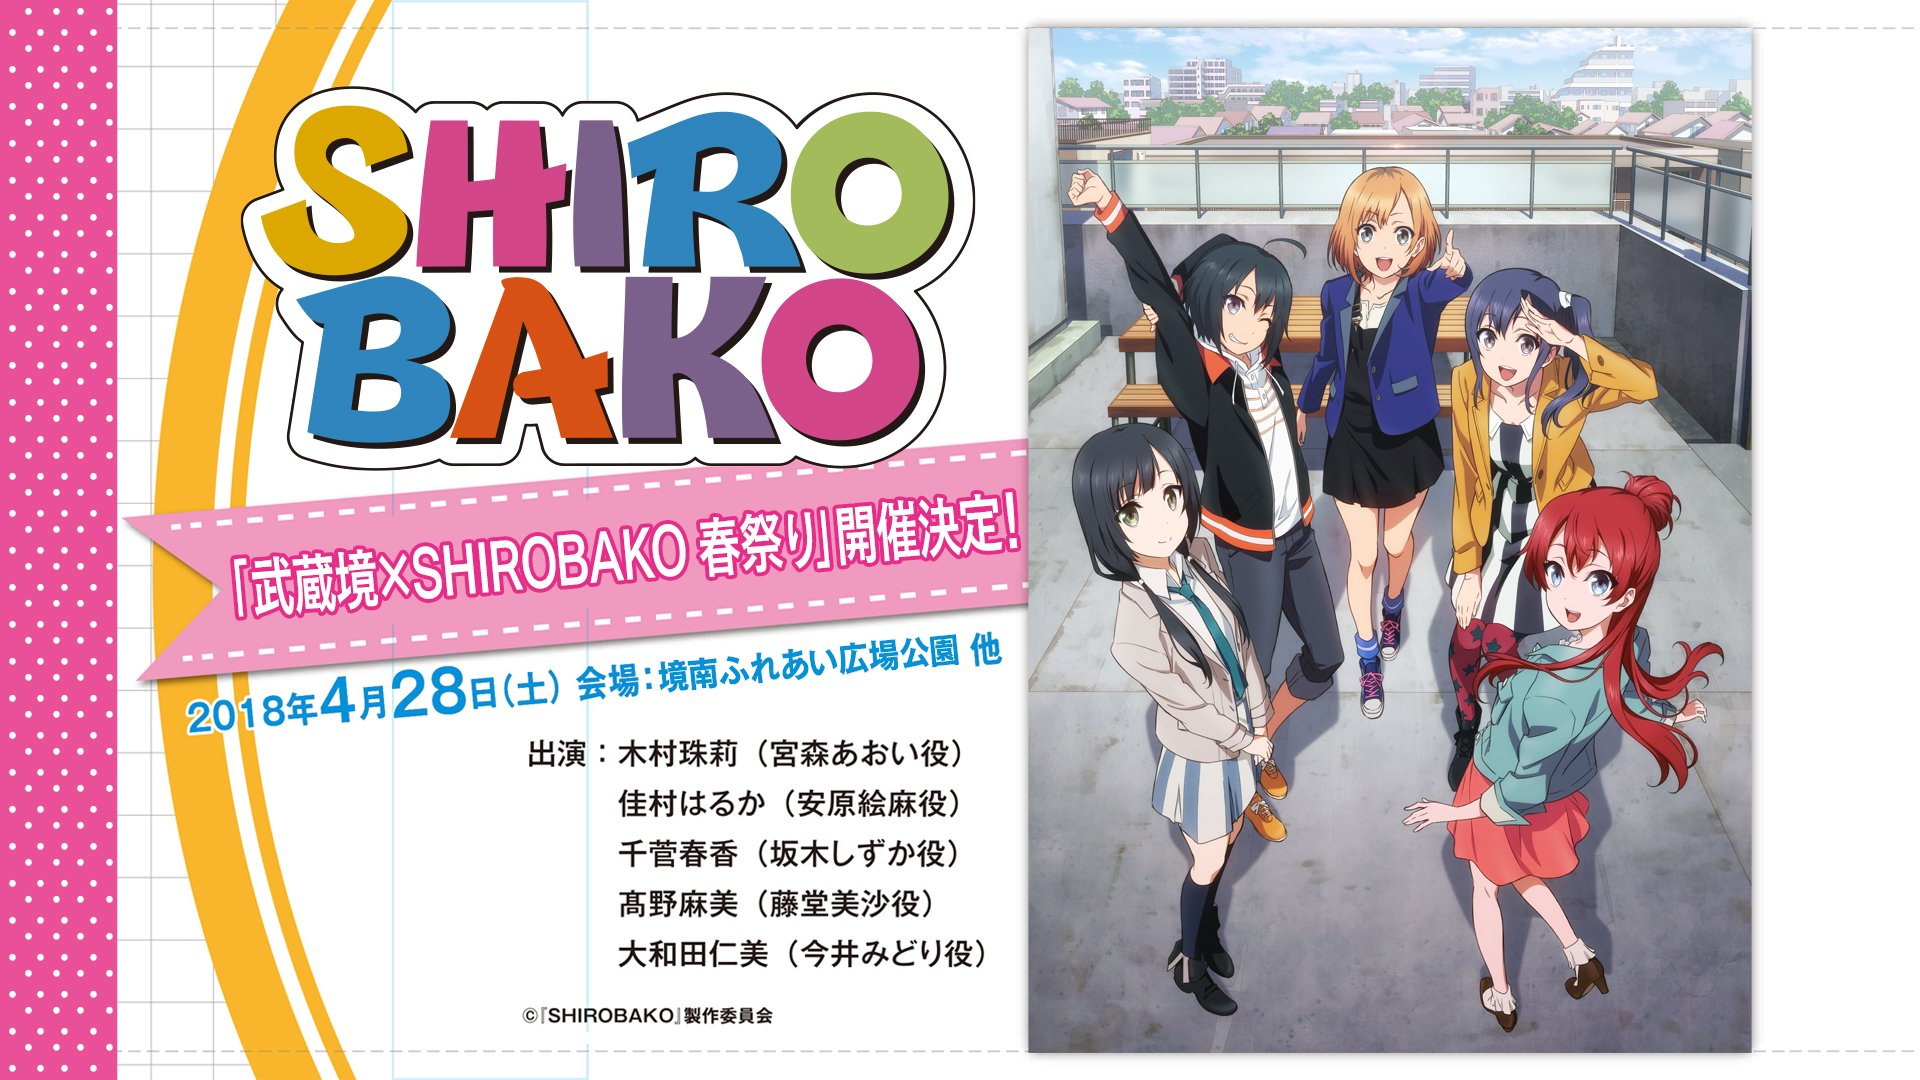 2018년 4월 28일 개최 'SHIROBAKO' 이벤트 관련 추가..